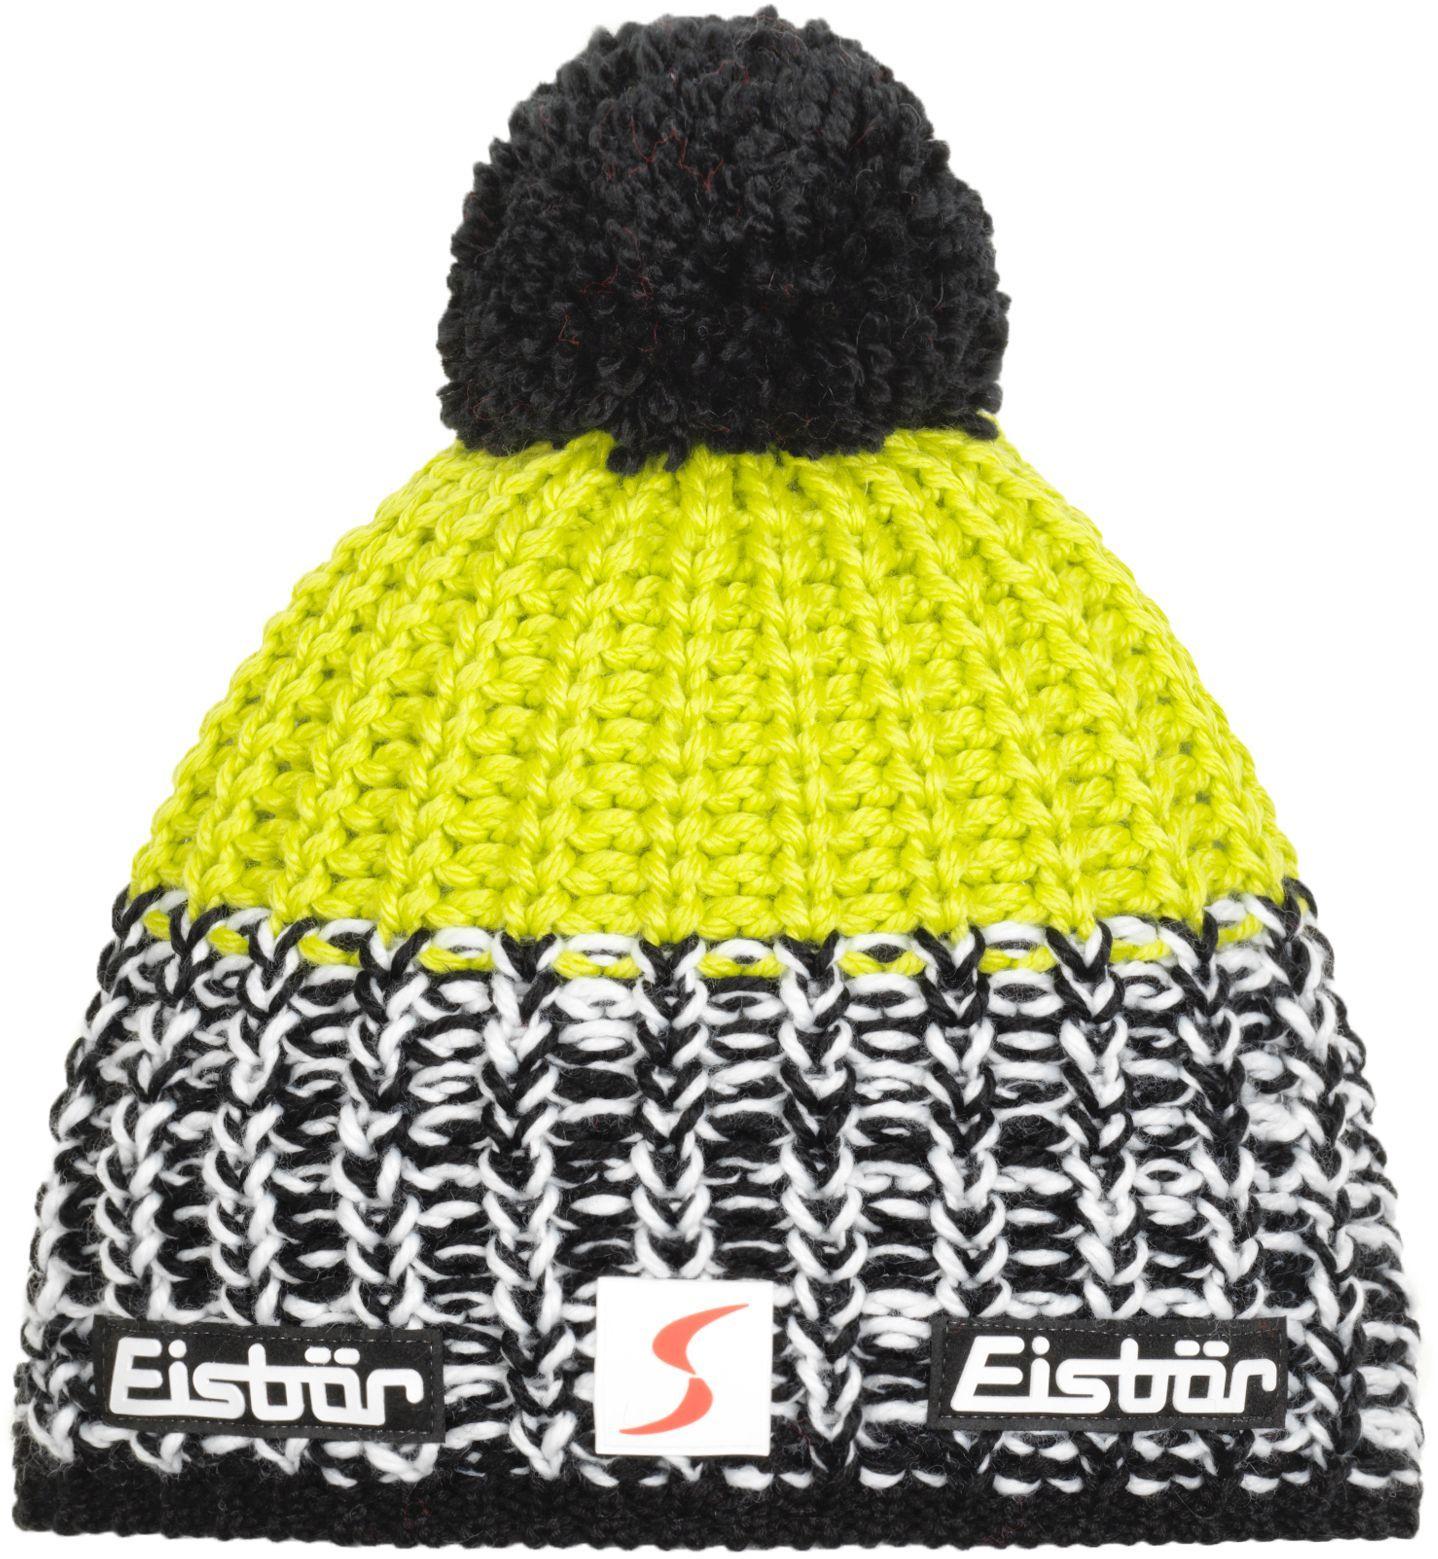 Zimní čepice Eisbär Focus Pompon MÜ SP - schwarz white lime - Ski a ... 4e263a5b75